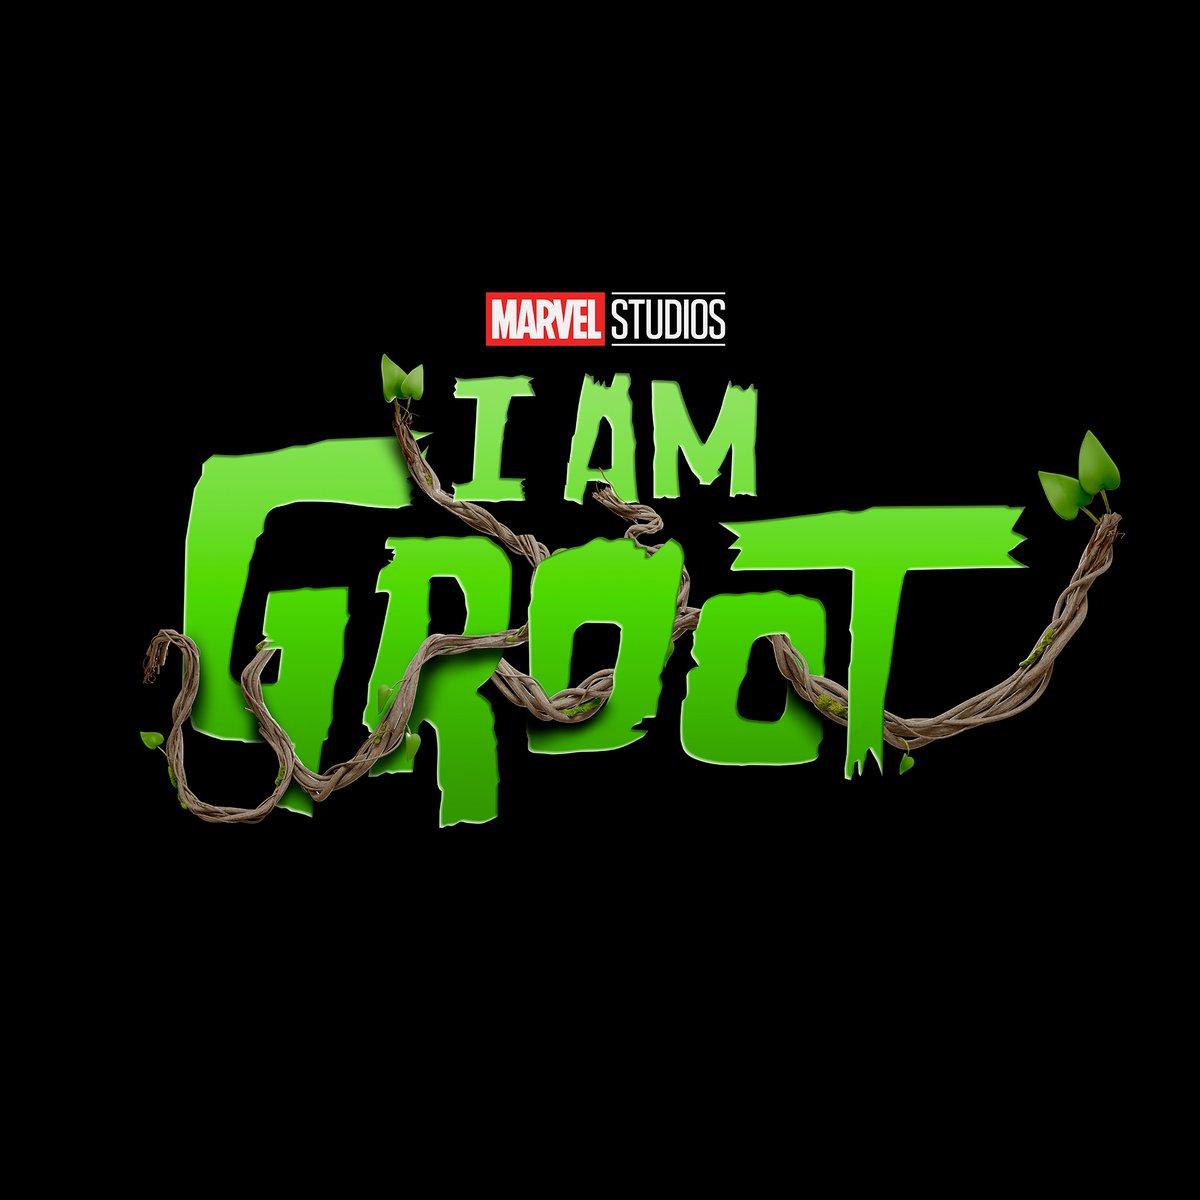 I Am Groot, série original do Disney Plus